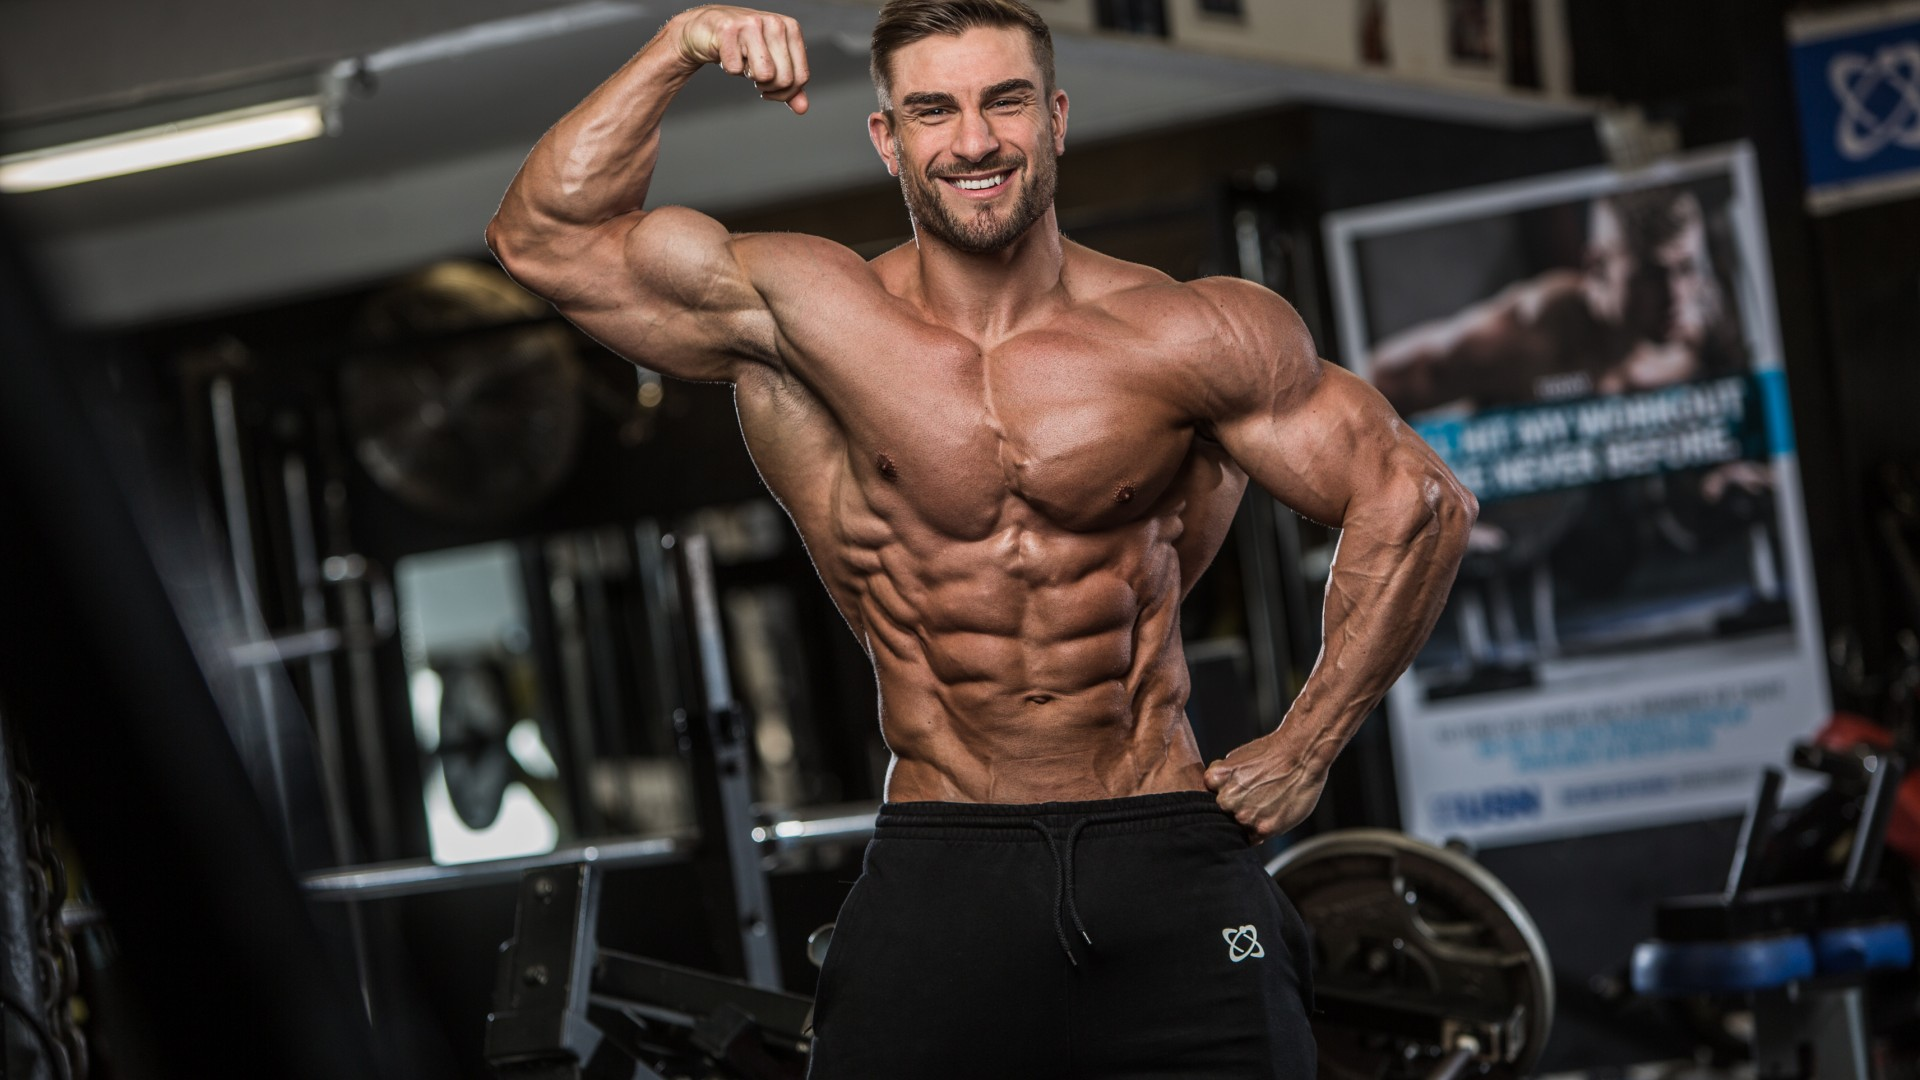 bodybuilders lifestyle